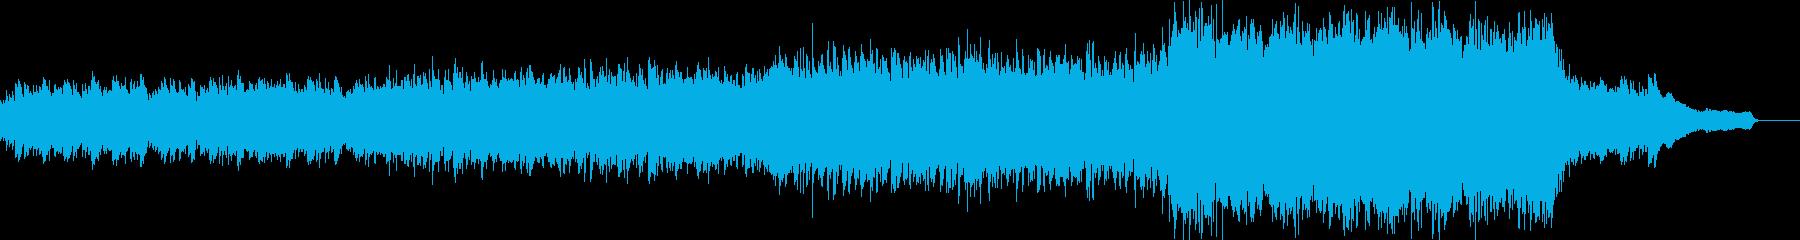 企業VPや映像82、オーケストラ、壮大bの再生済みの波形